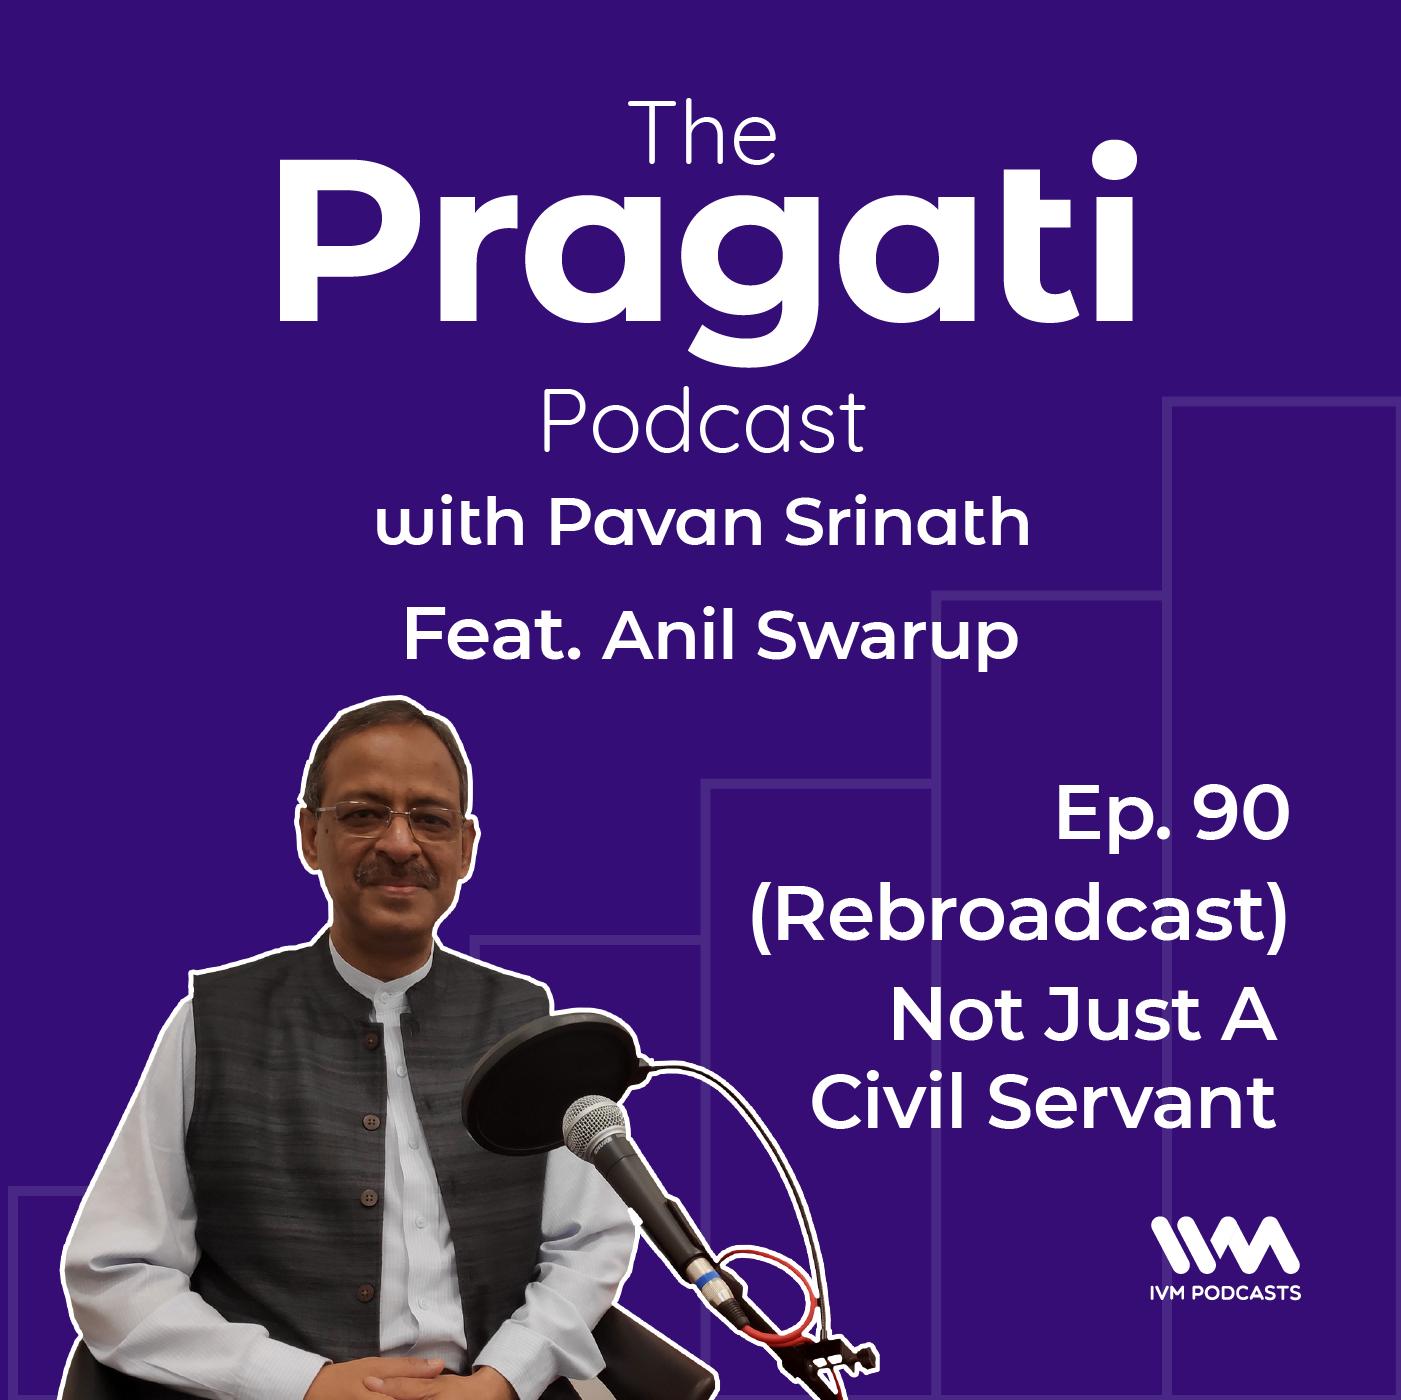 Rebroadcast Ep. 90: Not Just A Civil Servant